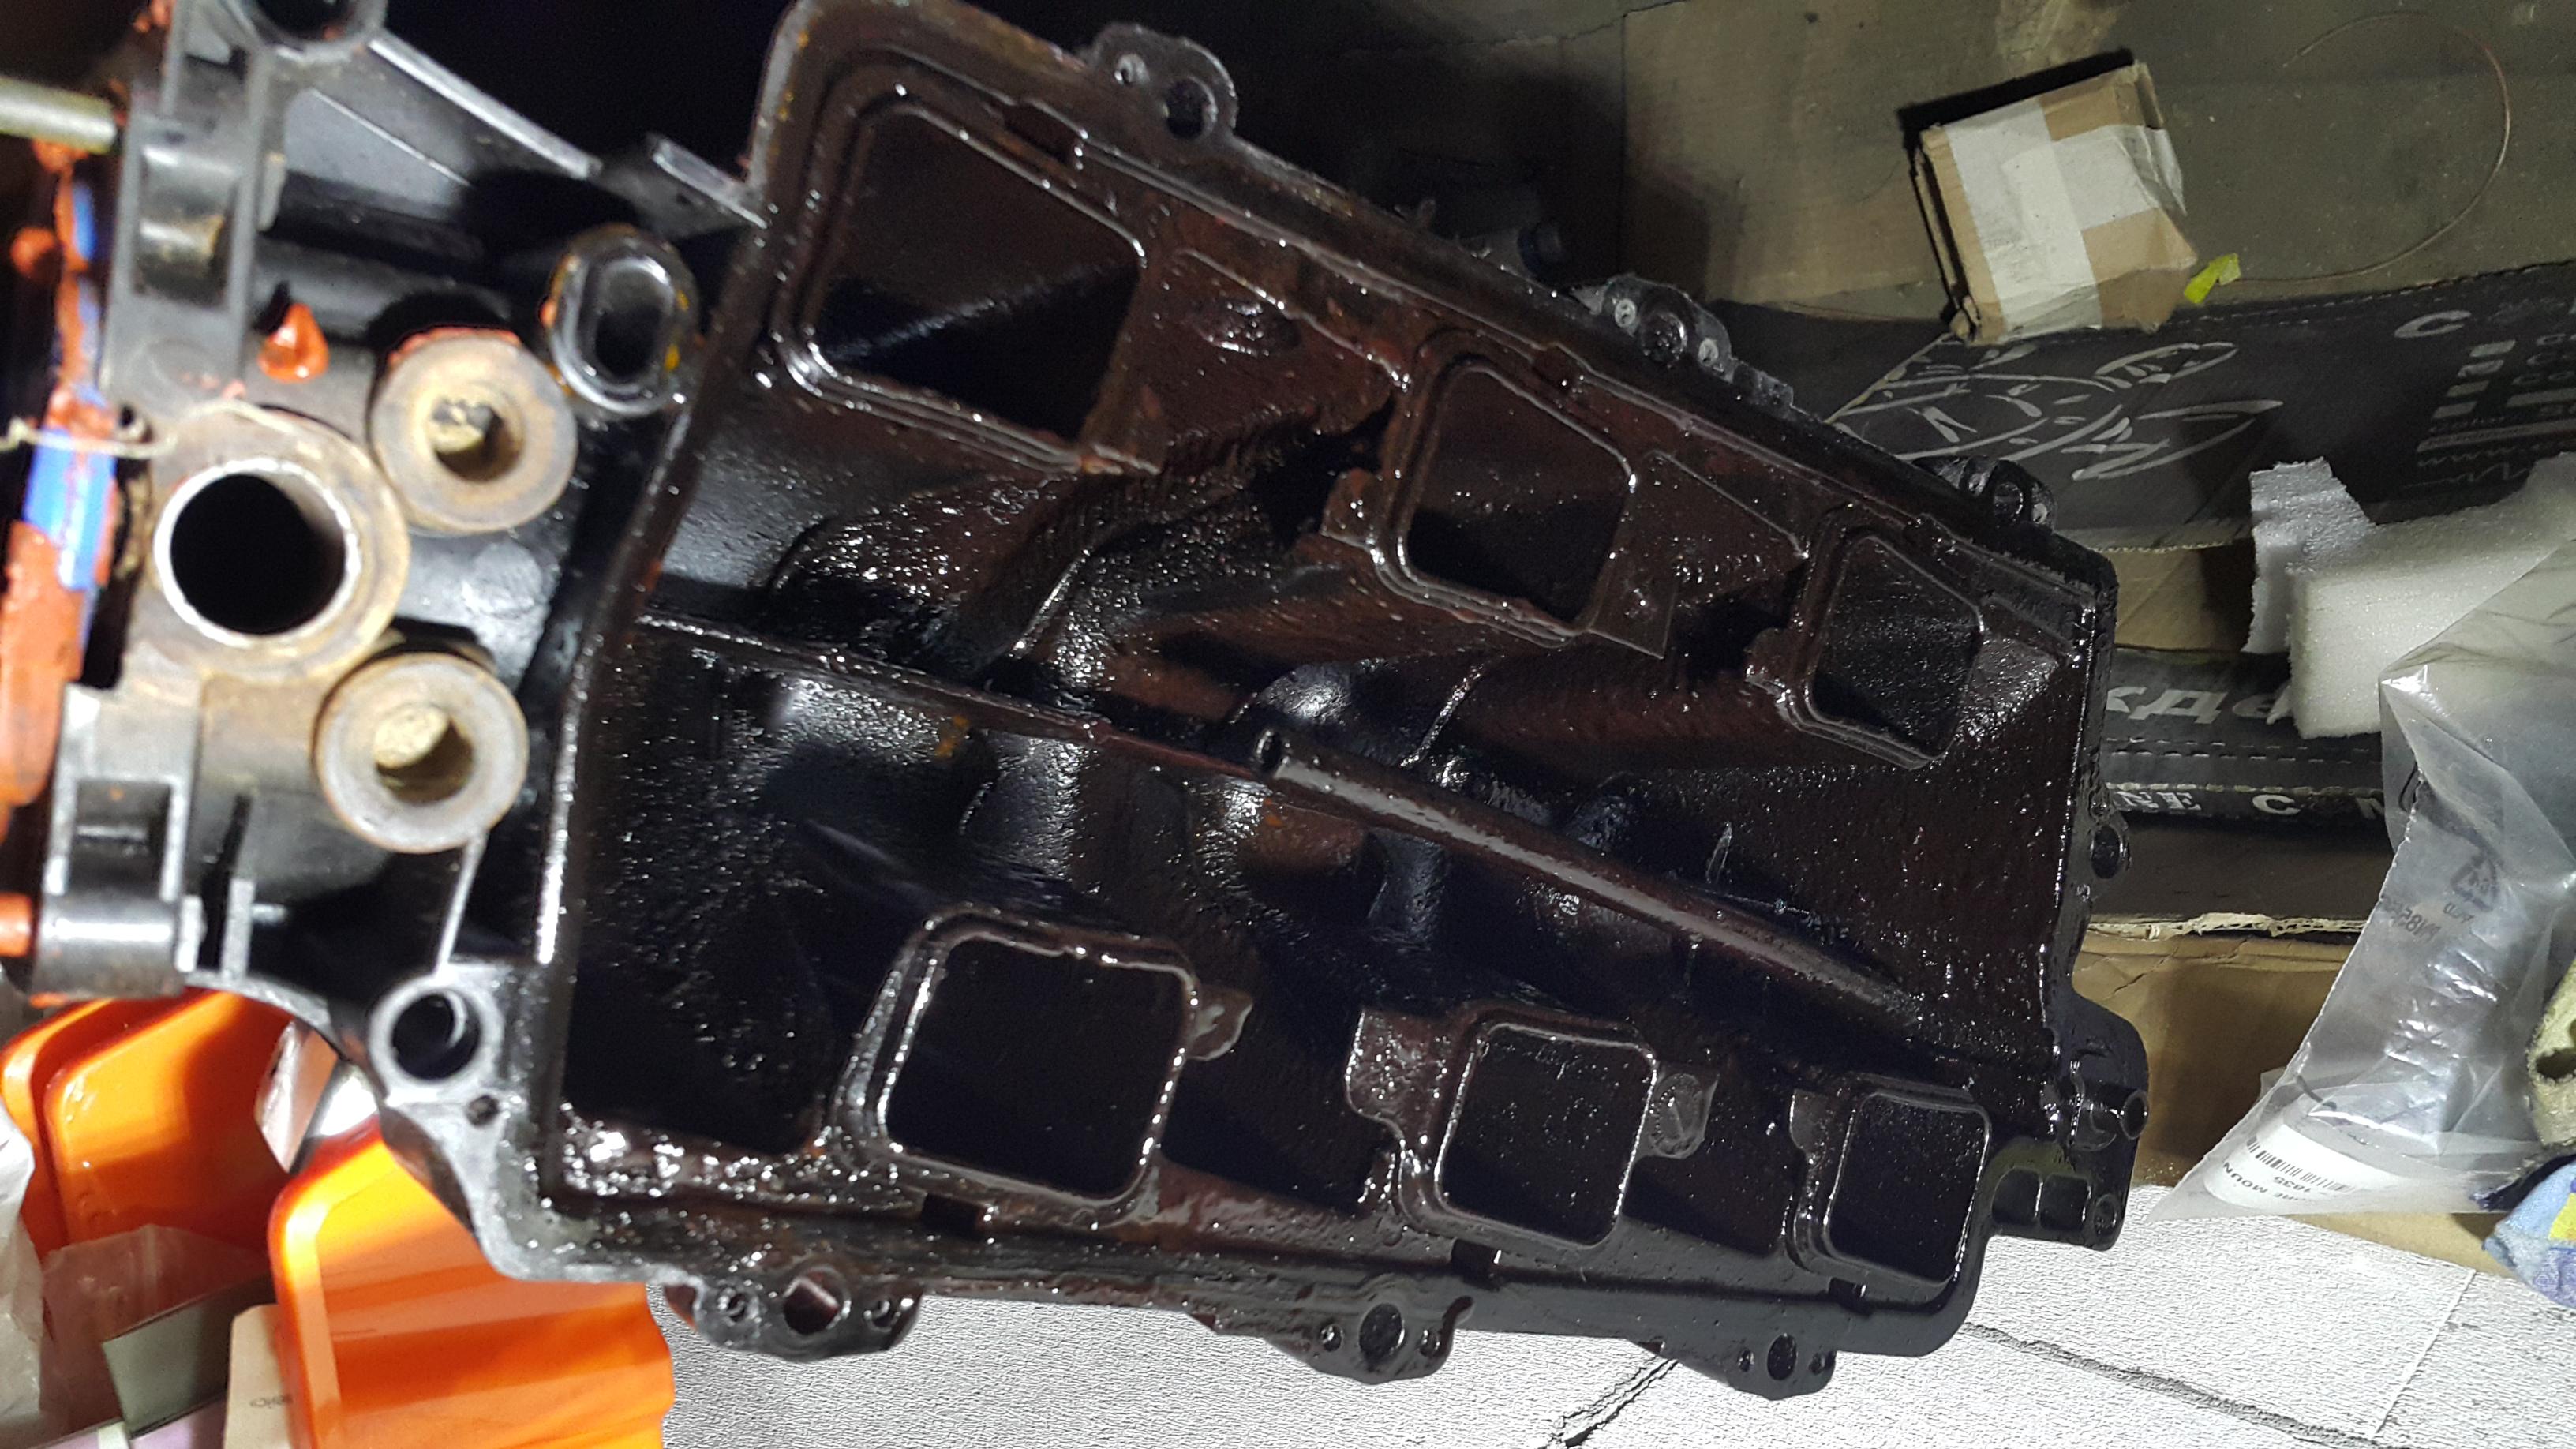 Does this sound familiar? Engine squeal.  9c672fbf6958ffe9a75f226ff0783edf